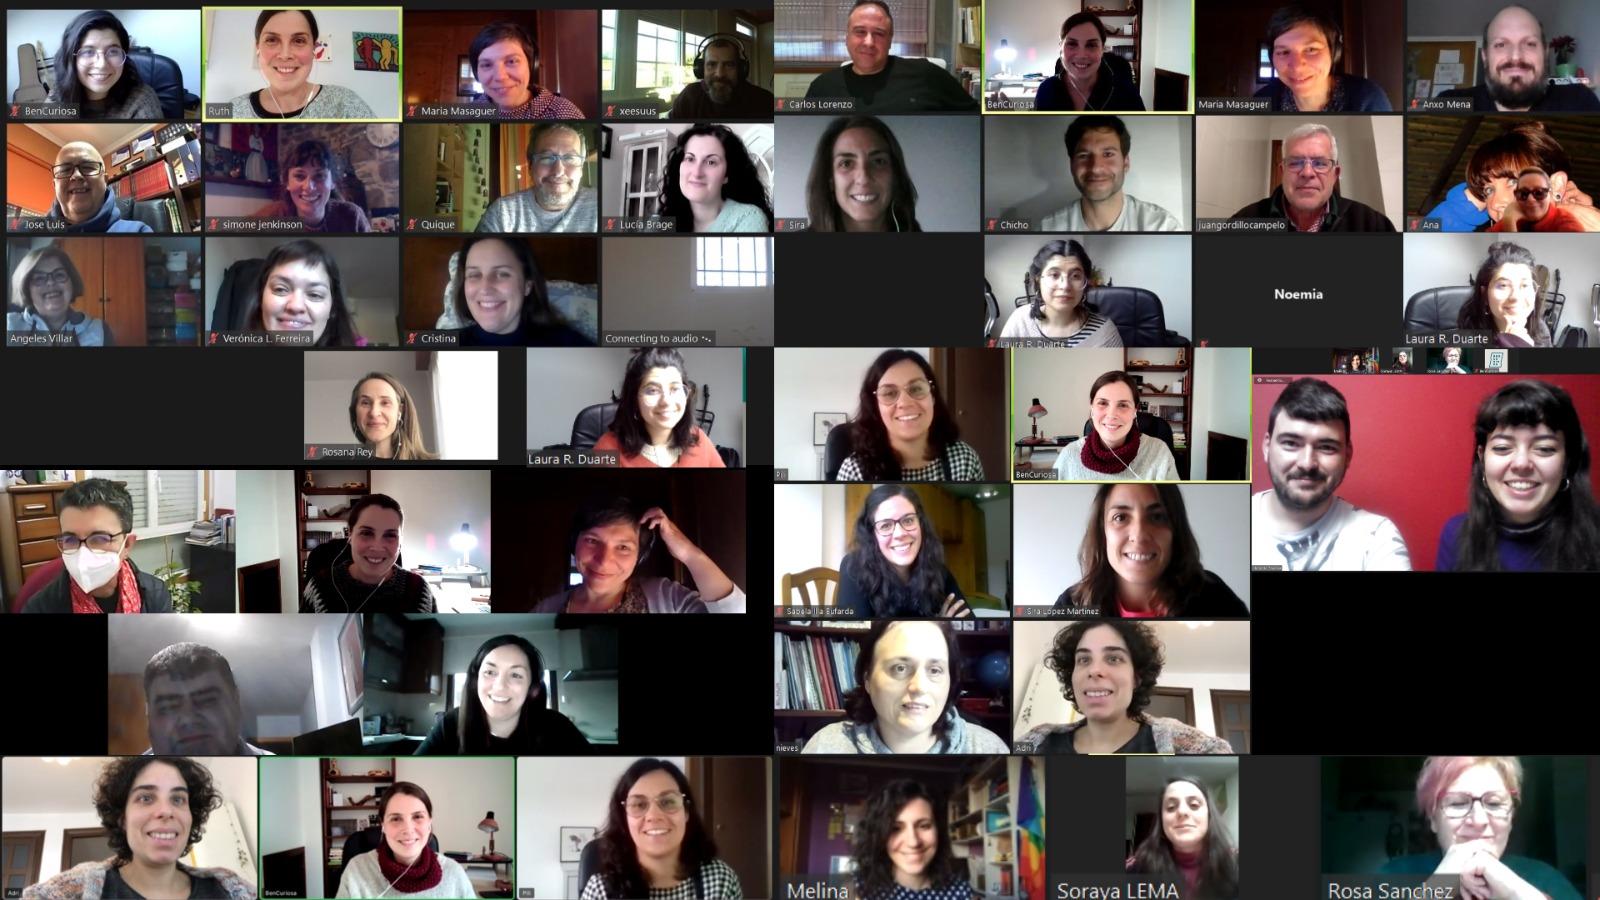 Esta imaxe é un mosaico composto polas capturas de varias sesións en liña celebradas no marcos dos Labs